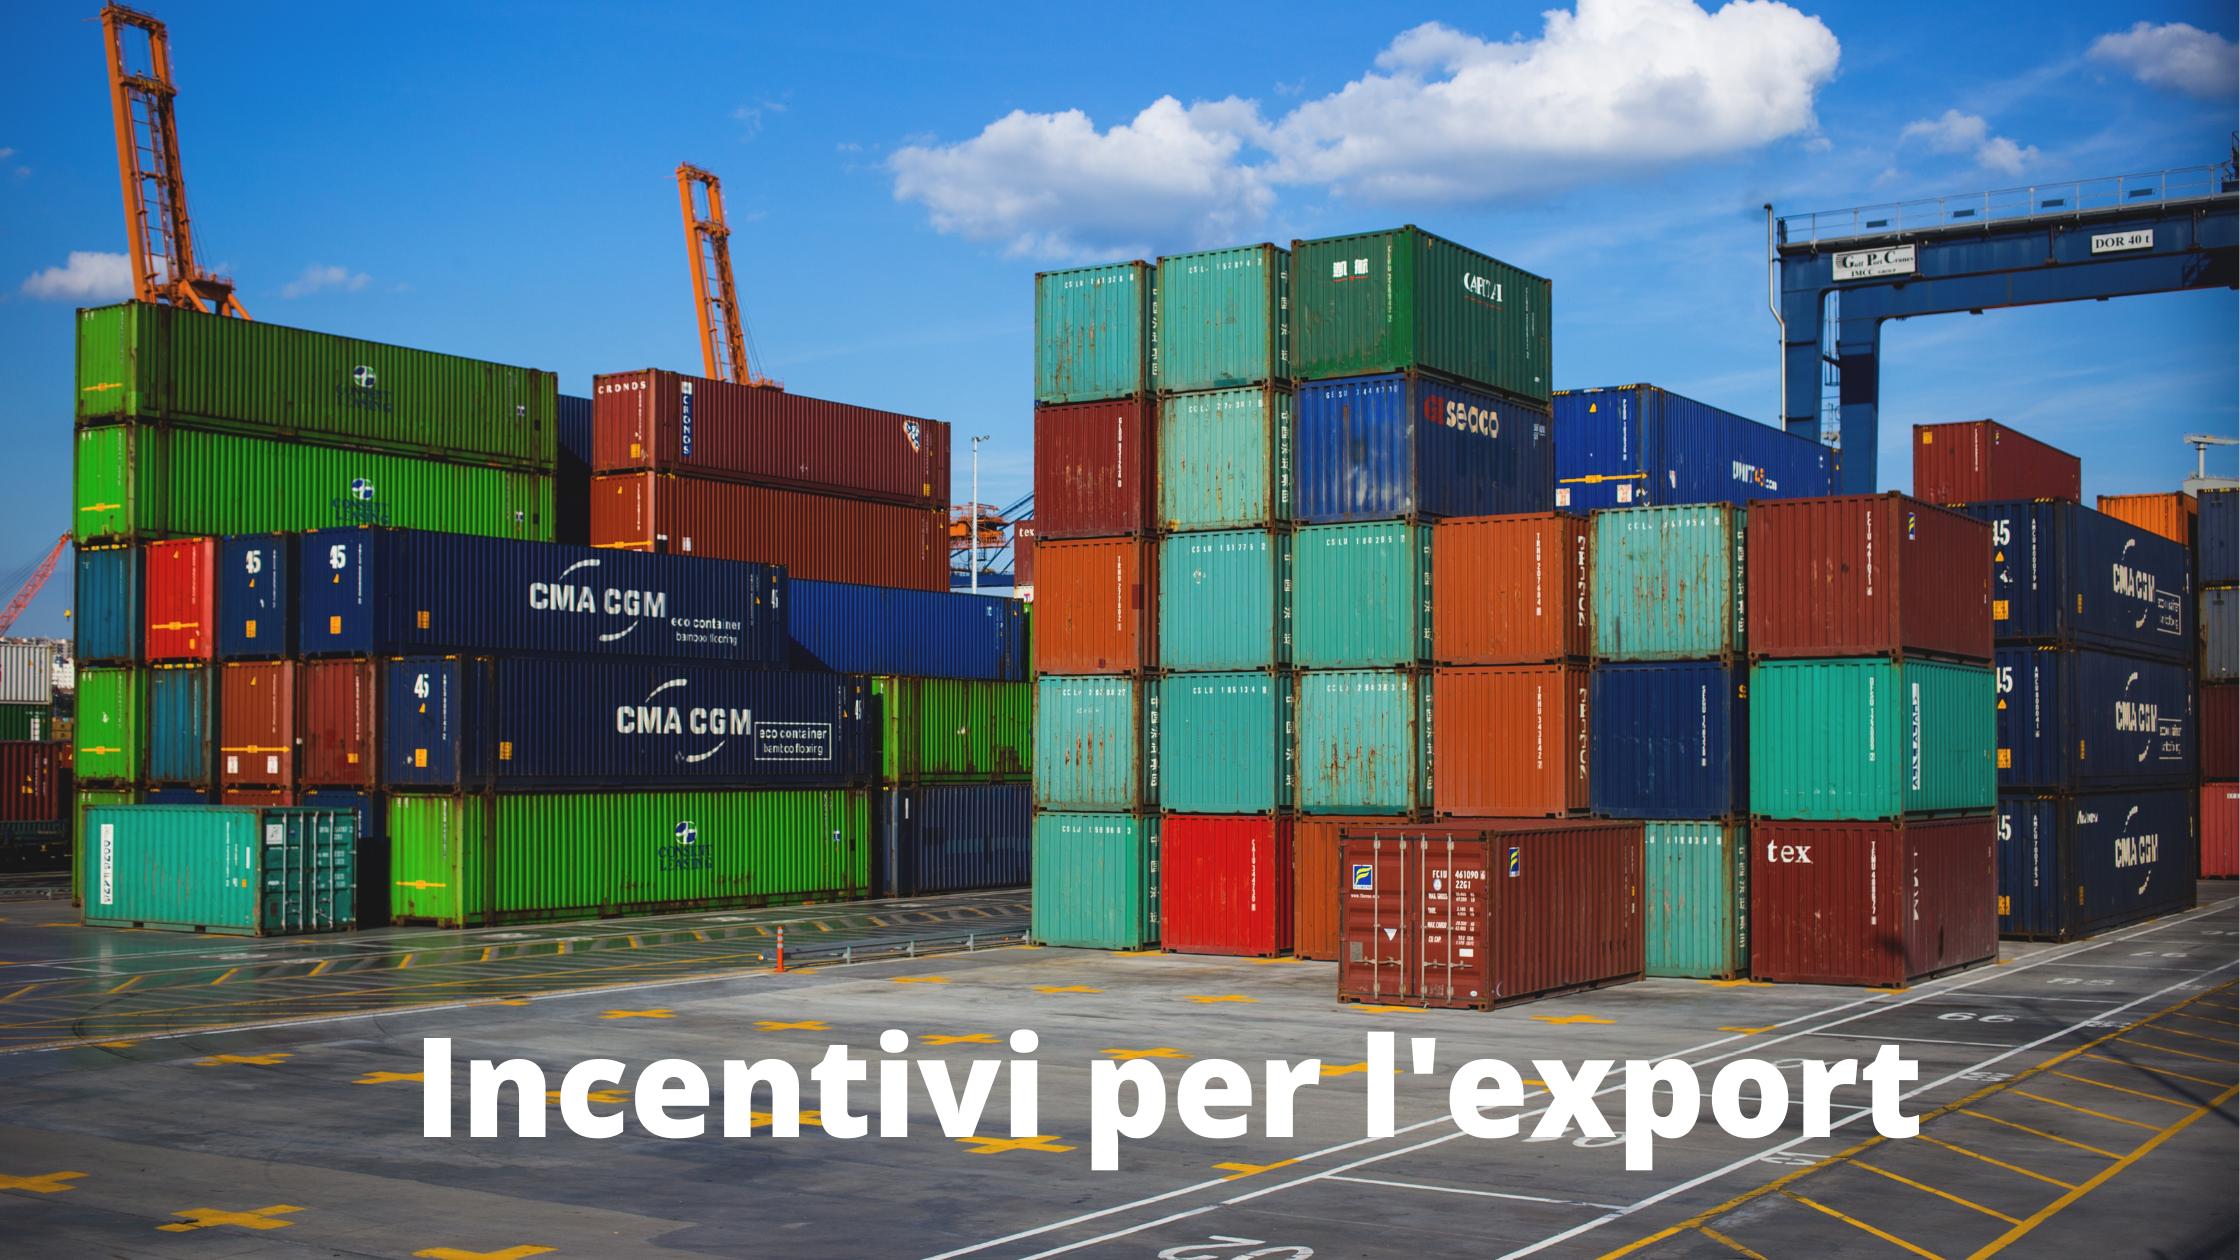 Incentivi per l'export